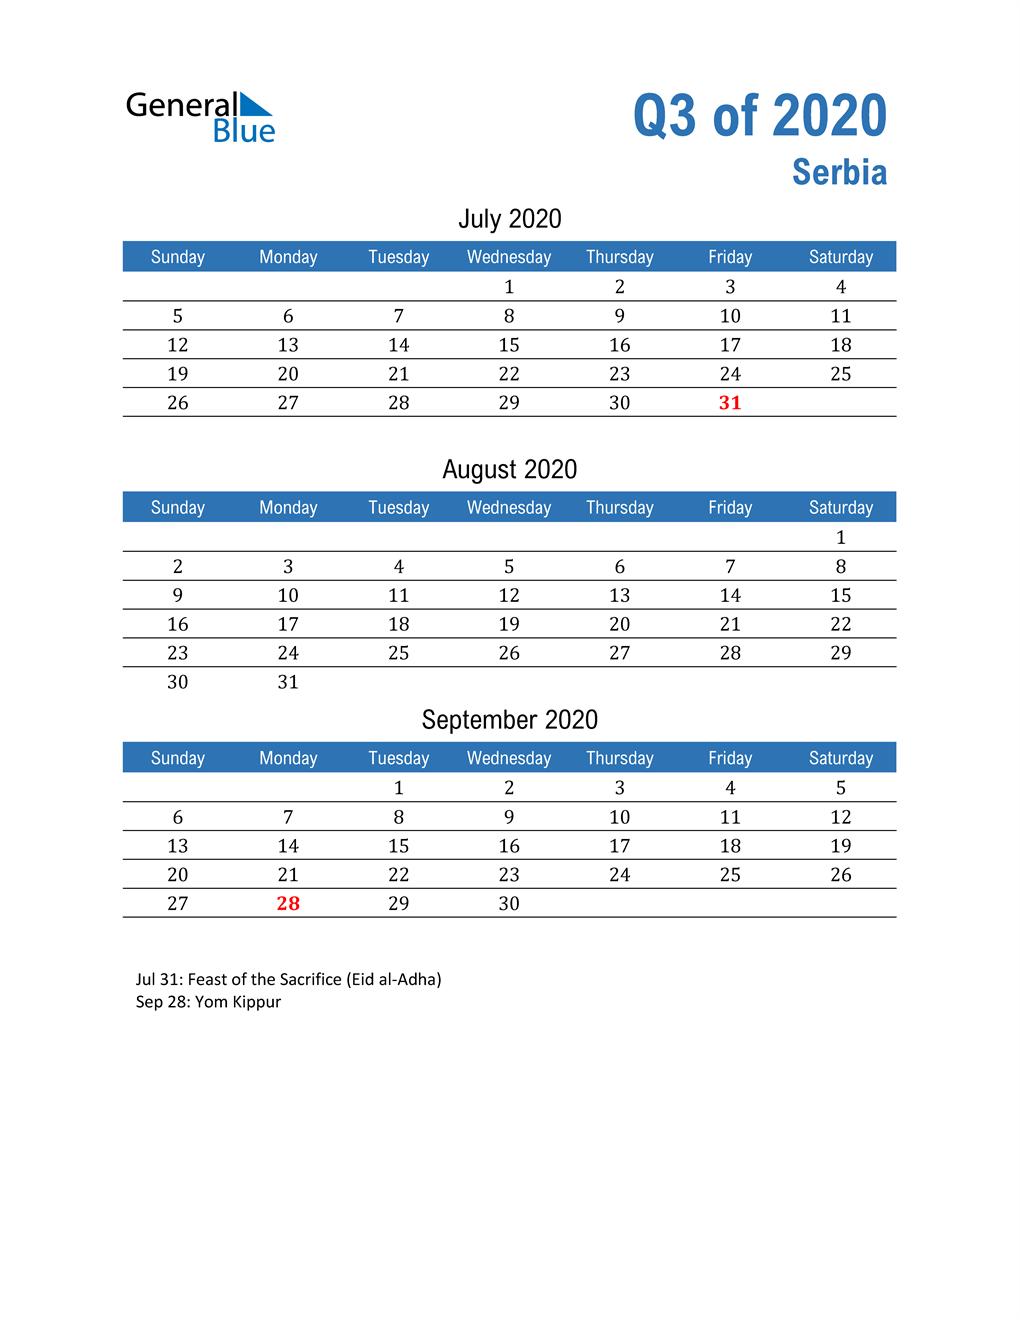 Serbia 2020 Quarterly Calendar